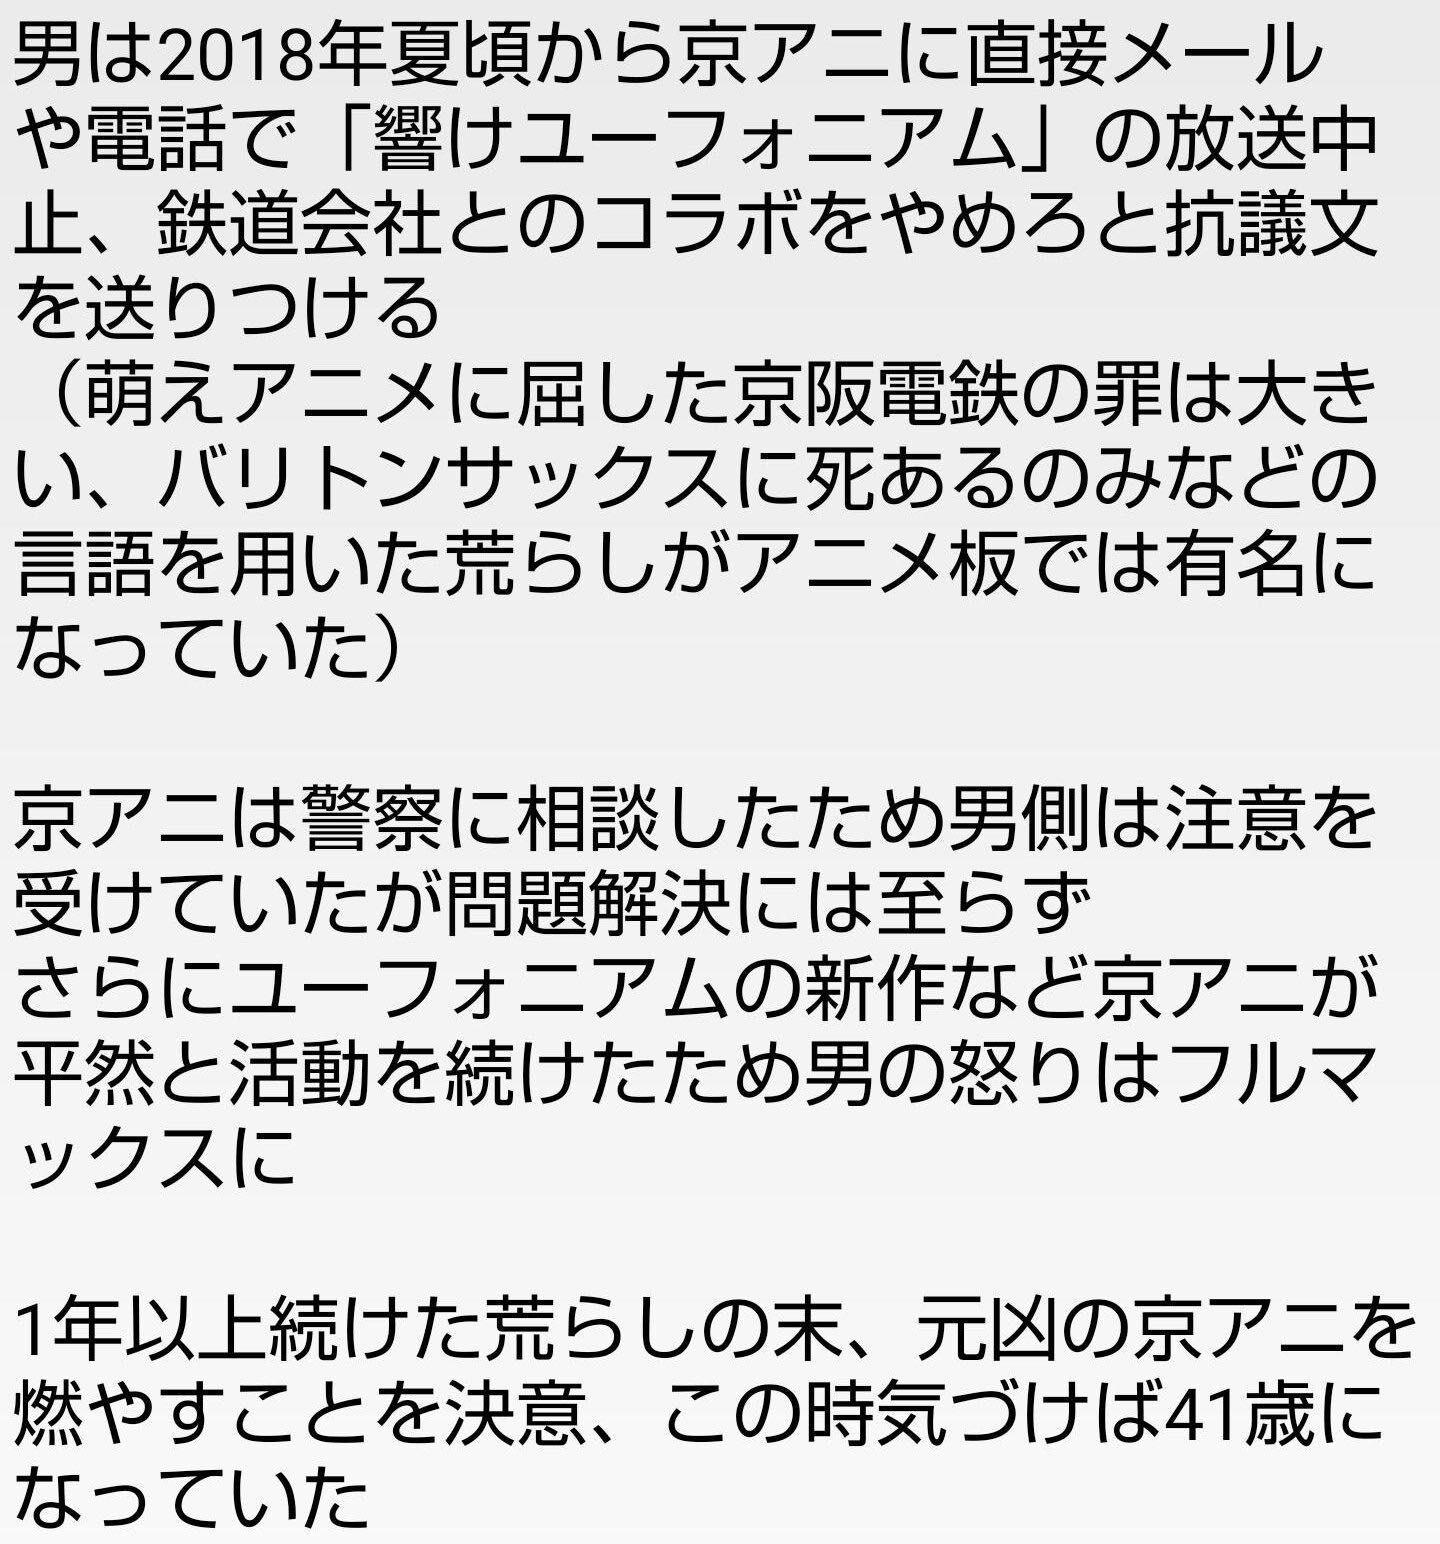 https://upload.cc/i1/2019/07/19/dTV7oK.jpg